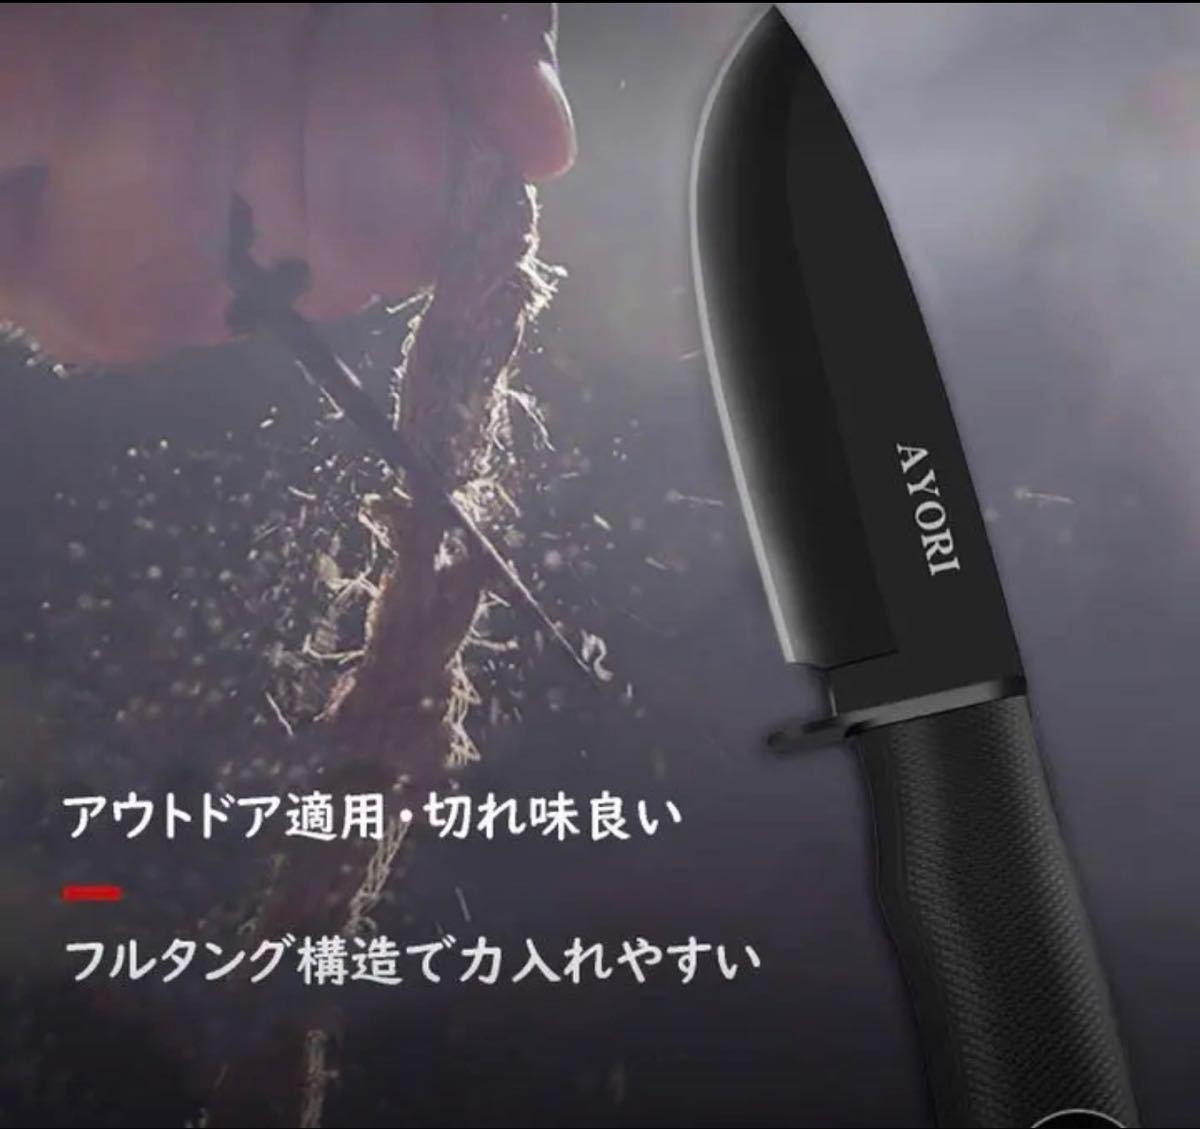 シースナイフ サバイバルナイフ 切れ味良い フィッシングナイフ 全長225mm